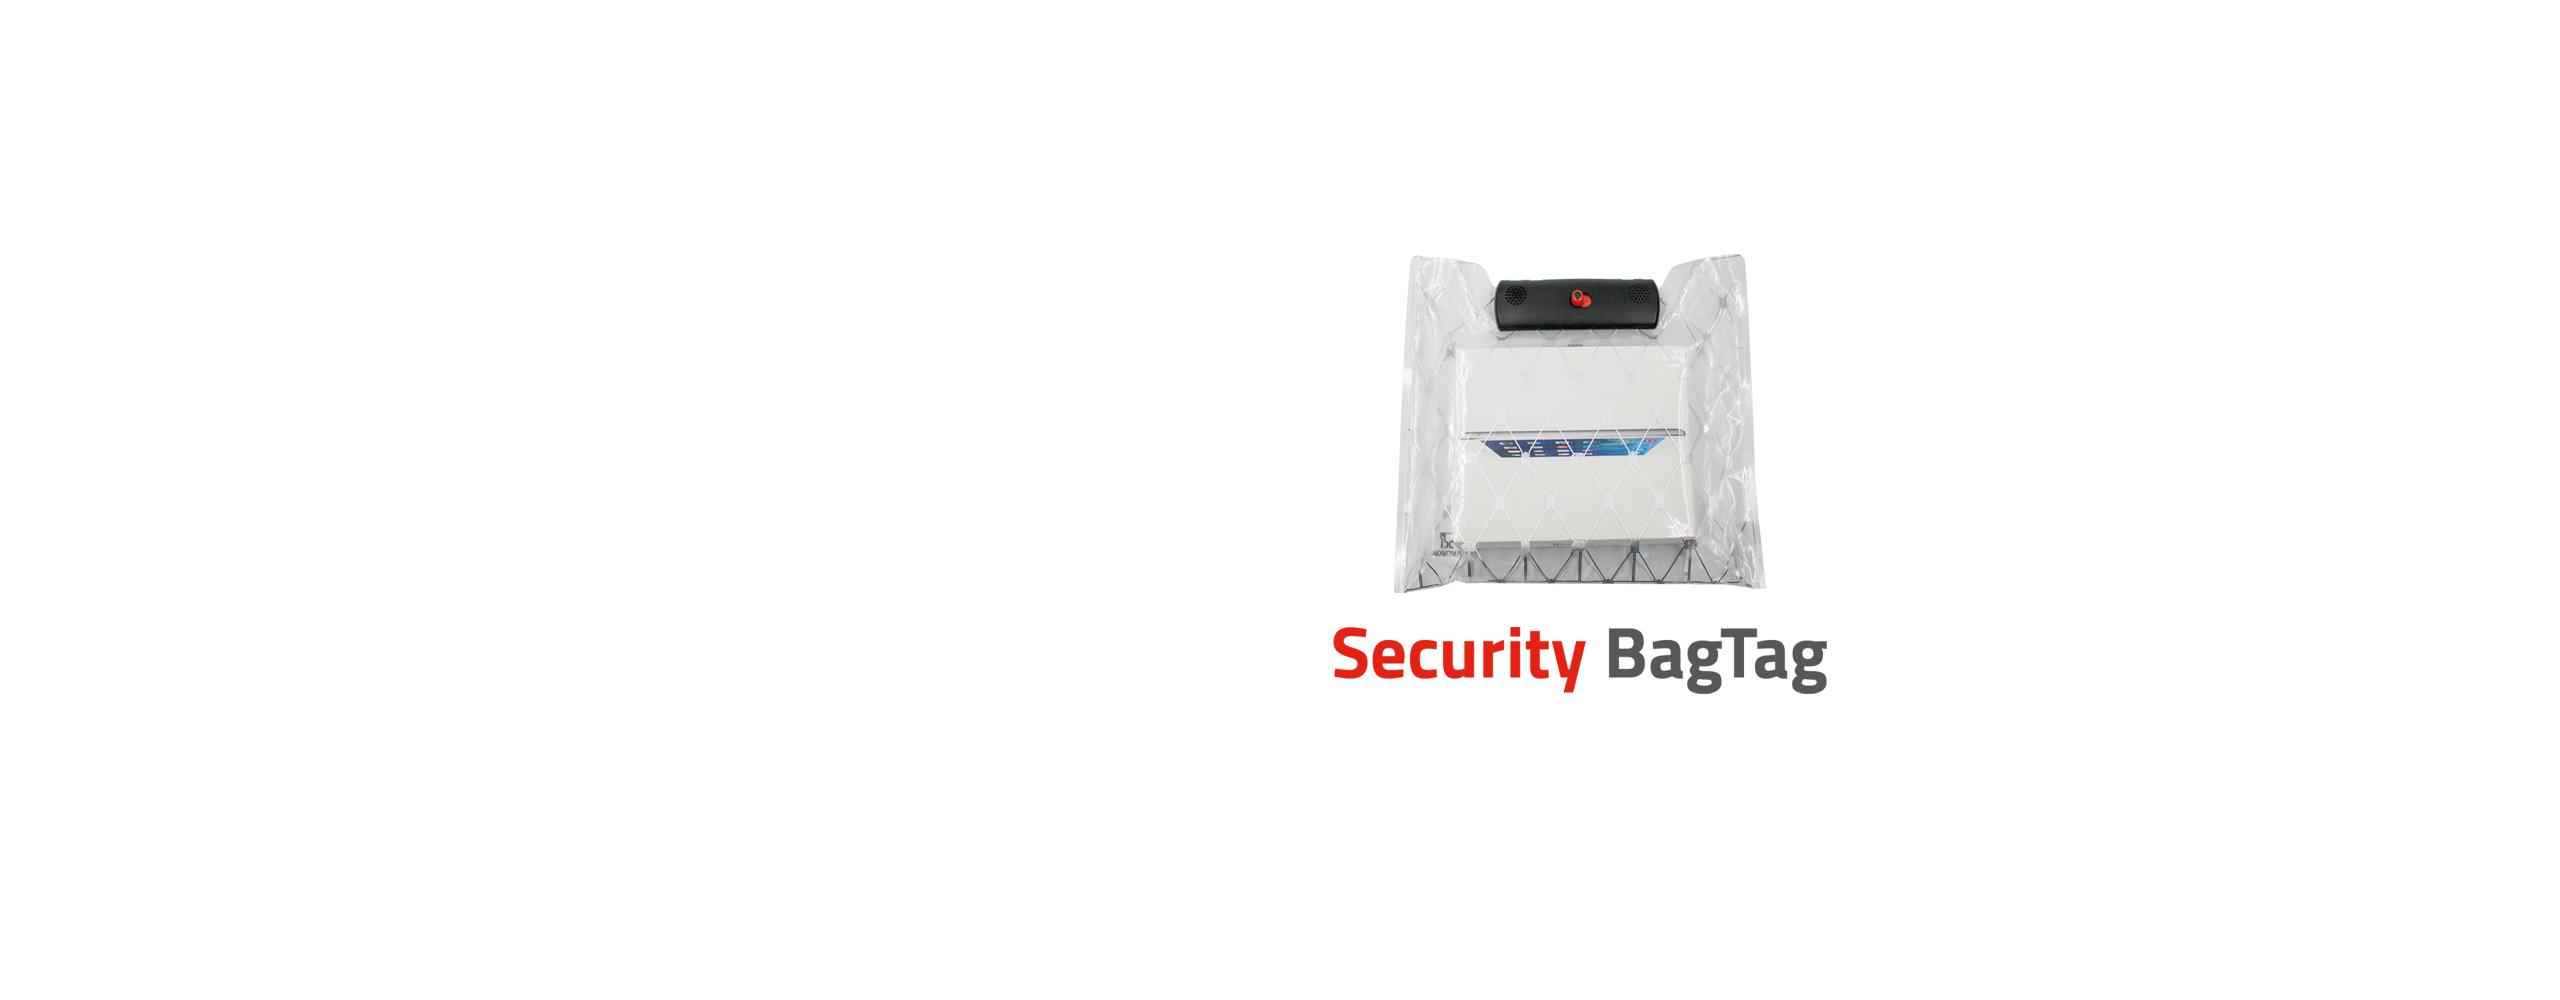 Security BagTag